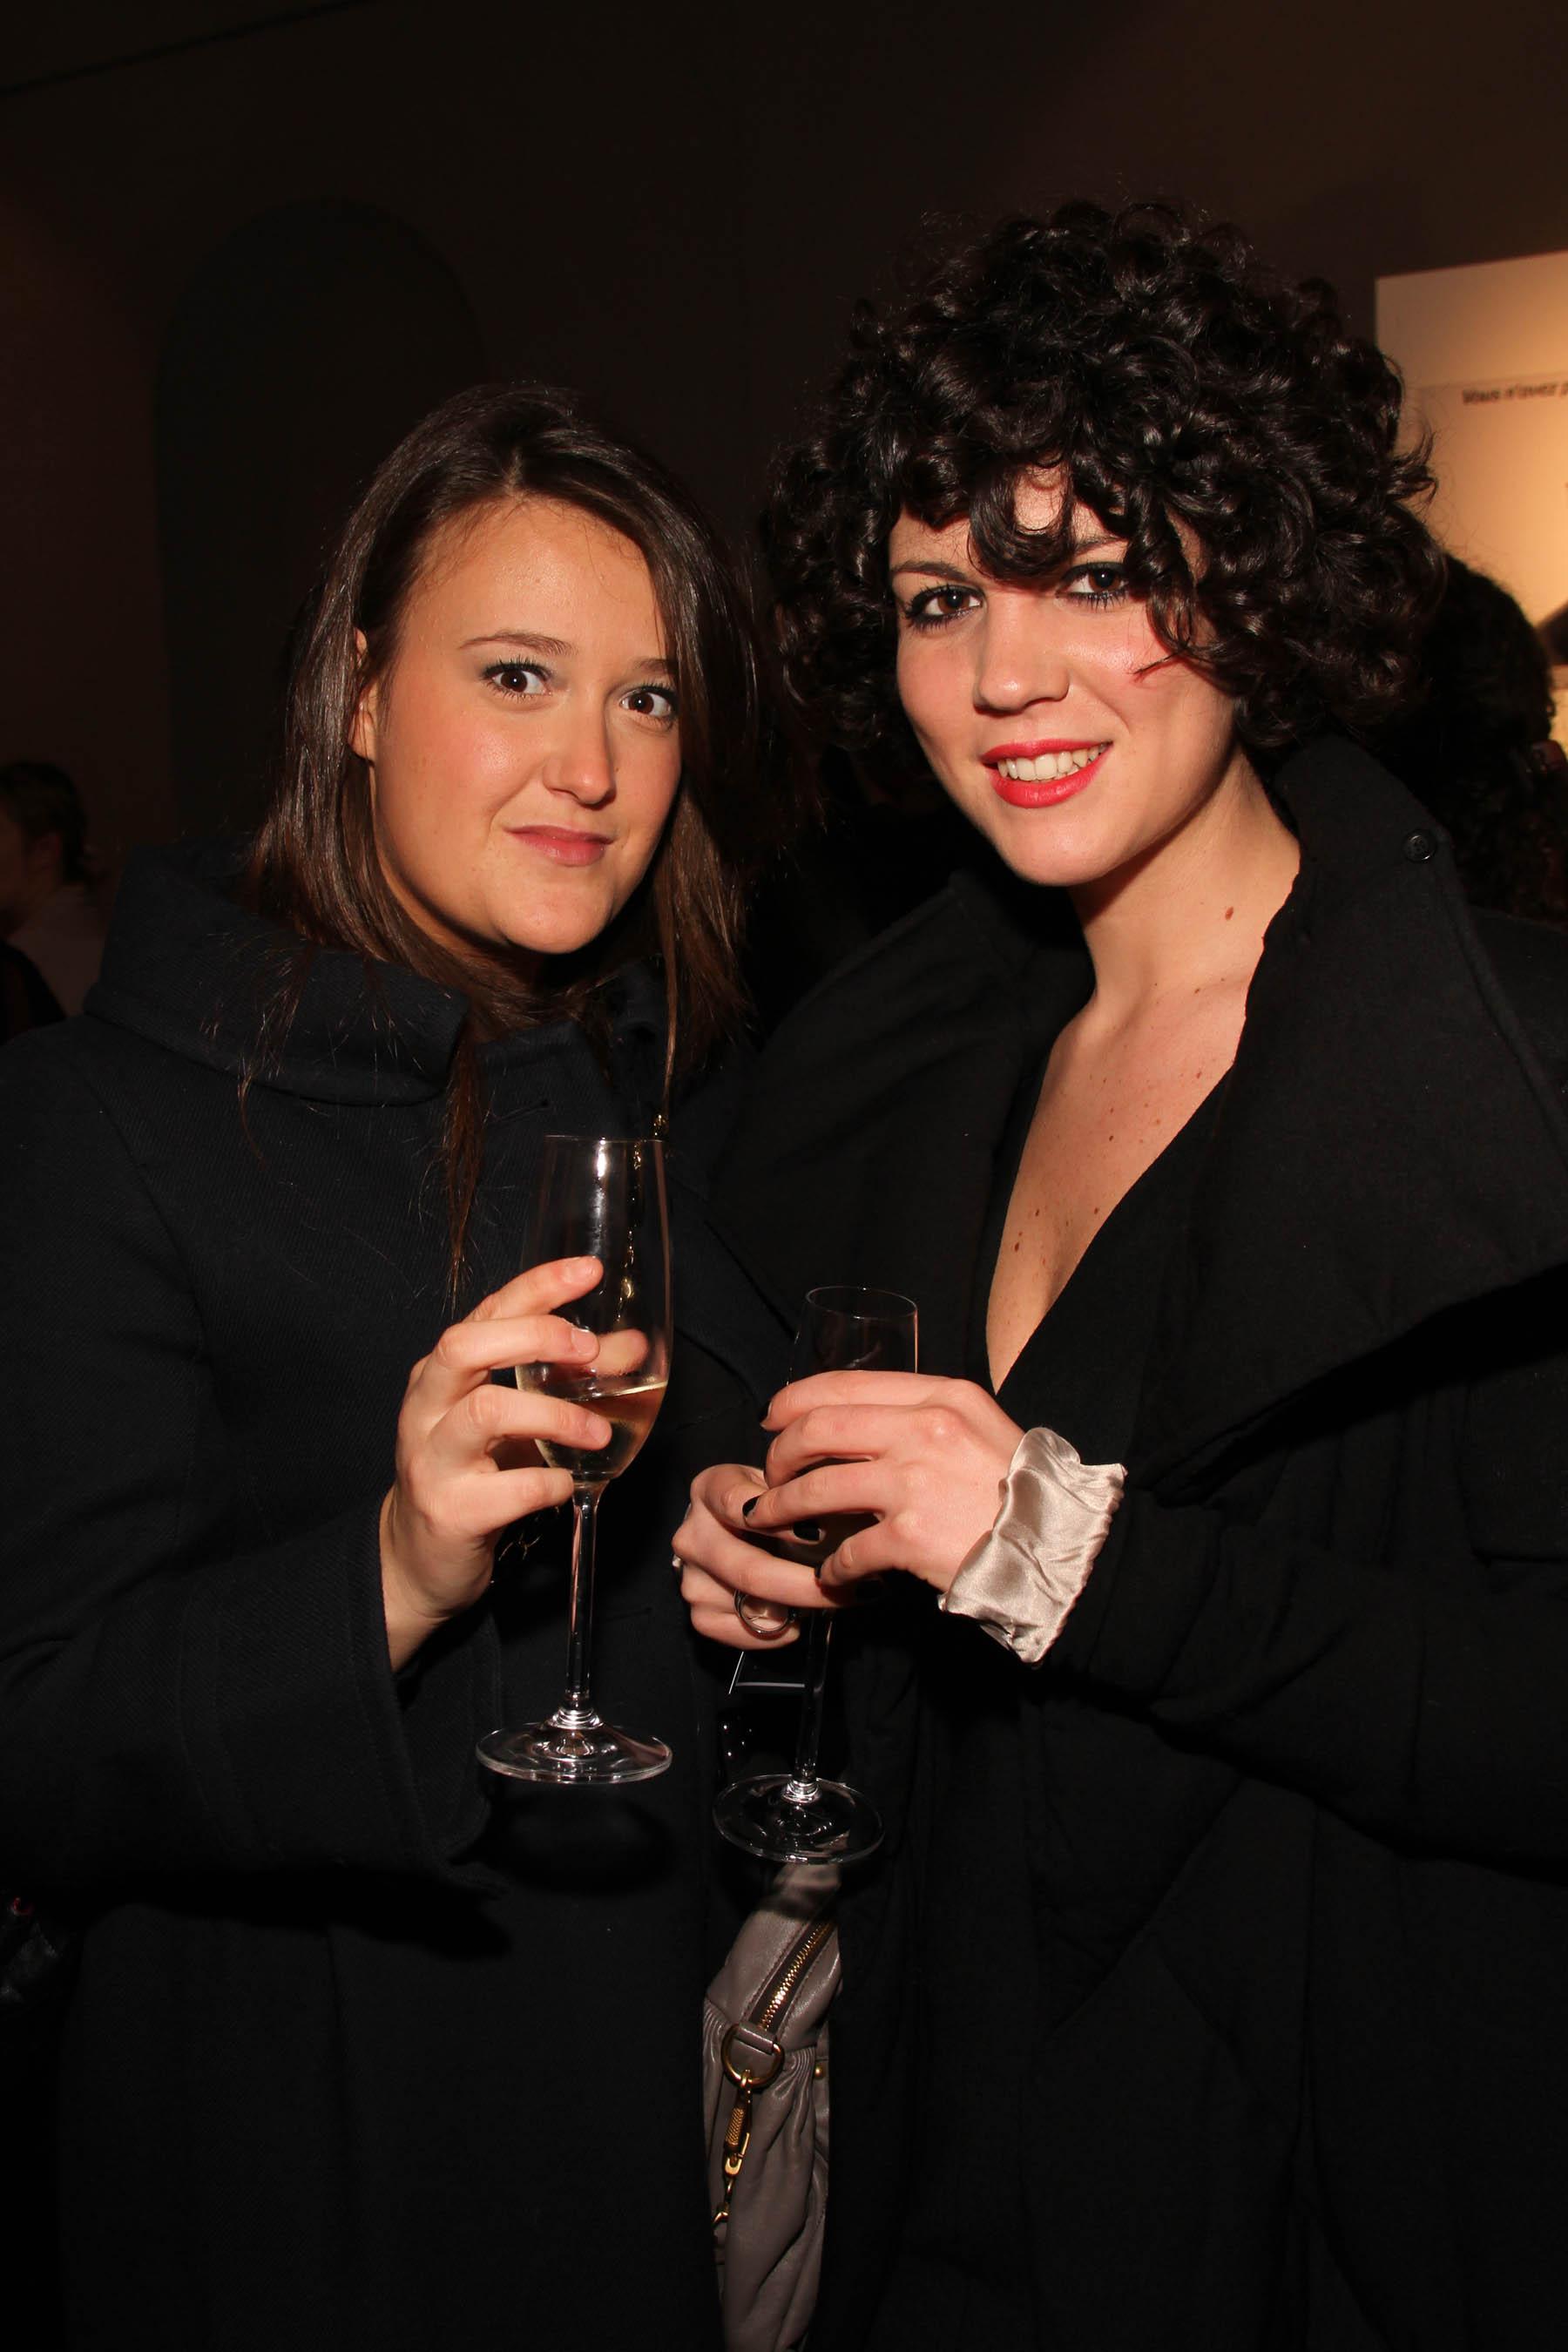 PRESSPHOTO Firenze, festa Firenze Magazine #13, For Gallery. Nella foto Sabrina Bozzoni e Teresa Nesi